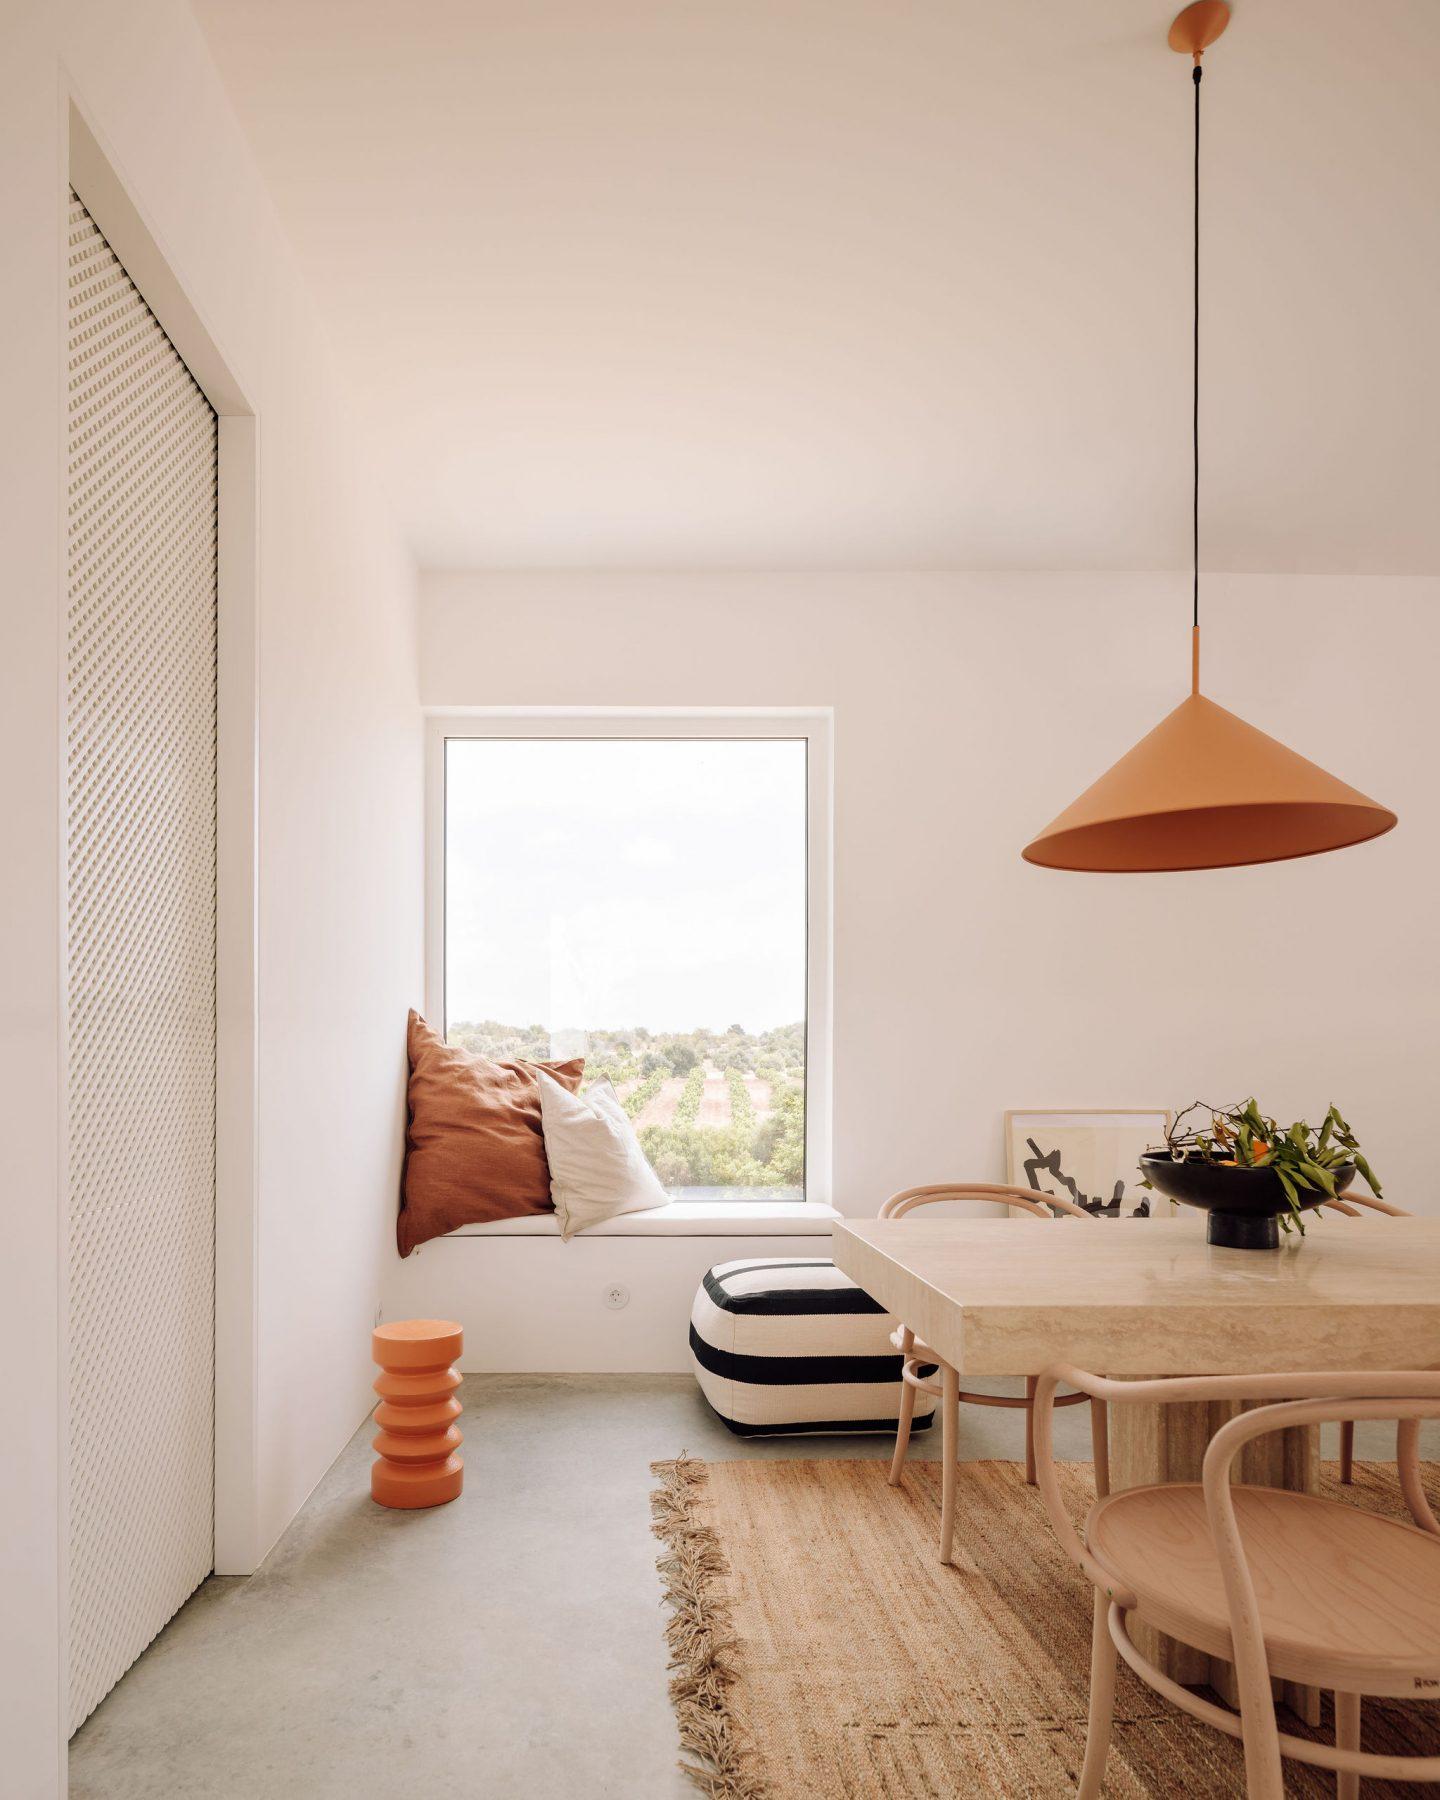 IGNANT-Architecture-Atelier-Rua-Casa-Um-05